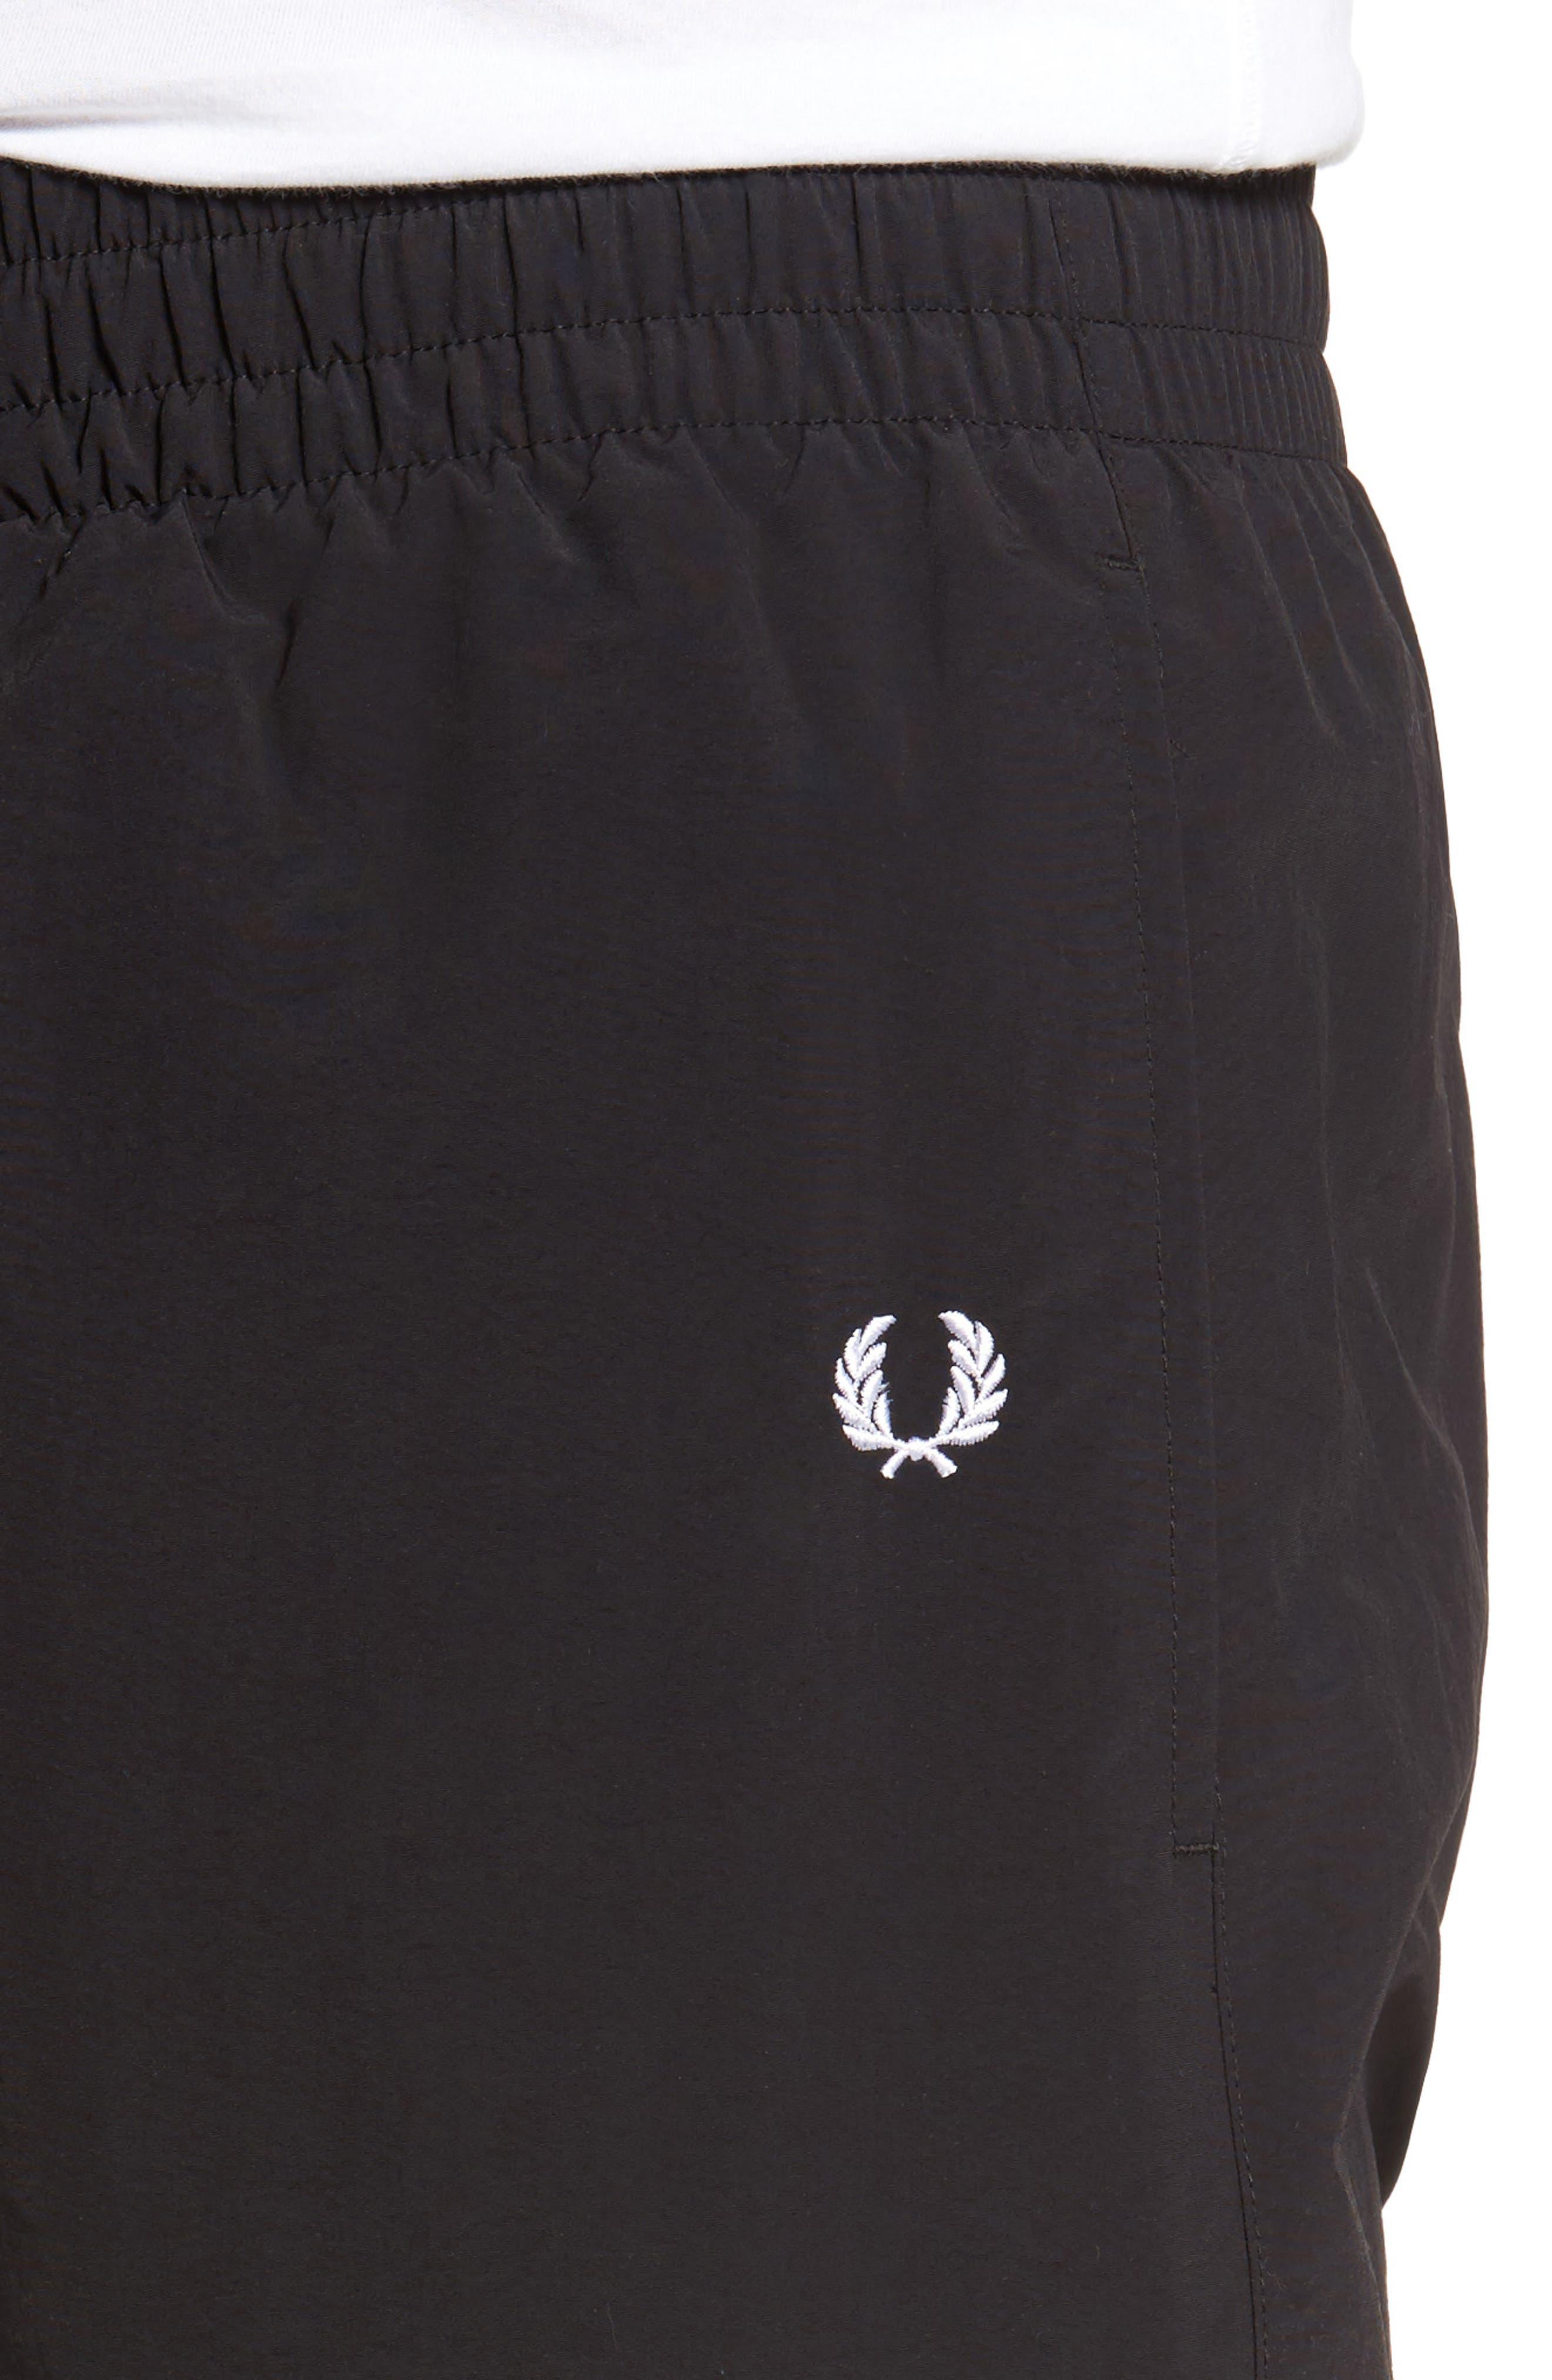 Monochrome Tennis Pants,                             Alternate thumbnail 4, color,